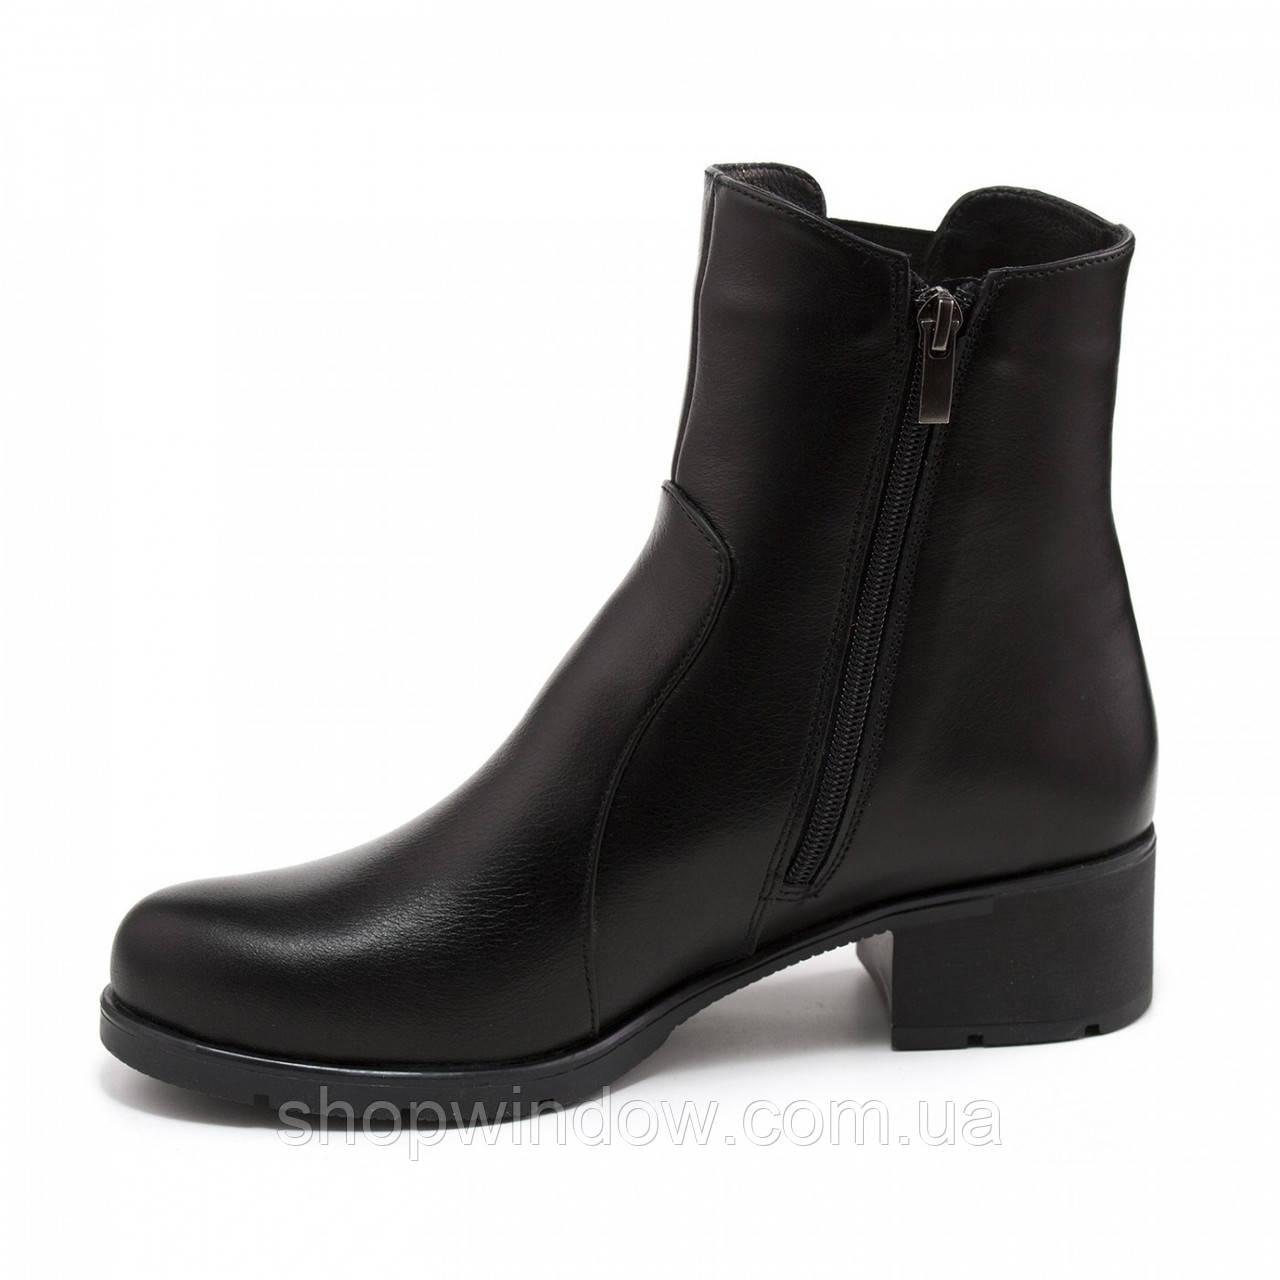 2a728ea85 Ботинки осень Женская обувь из натуральной кожи. Осенние ботинки женские. Женская обувь осень. Ботинки осень